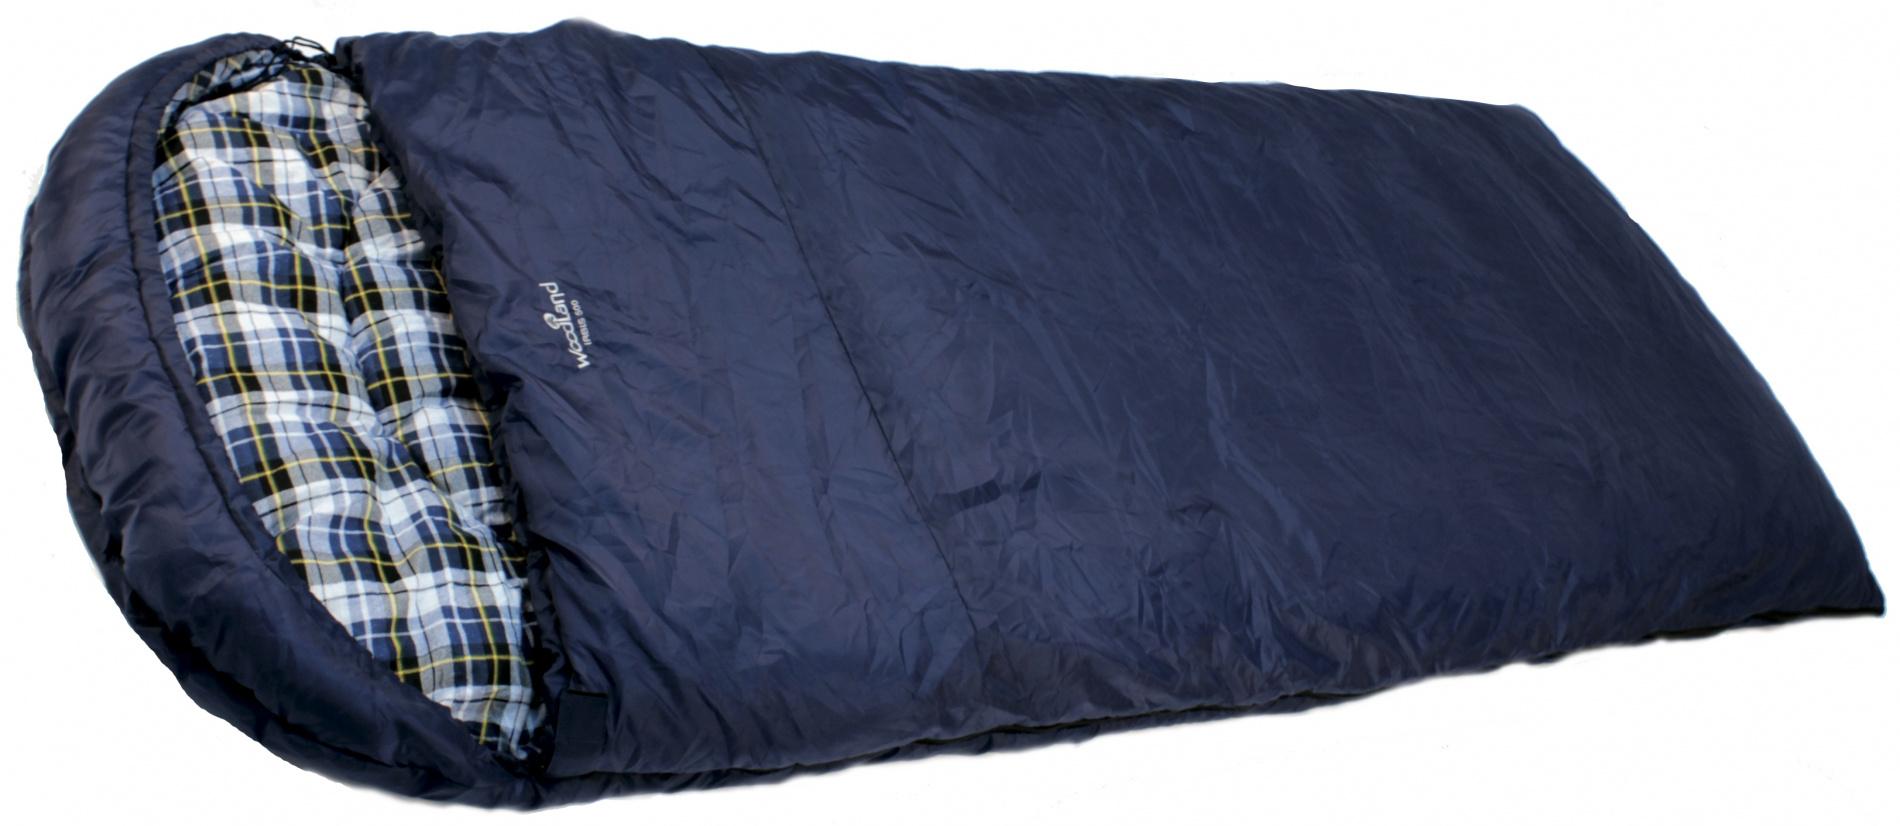 Спальный мешок Woodland IRBIS 500 R спальный мешок woodland irbis 500 r